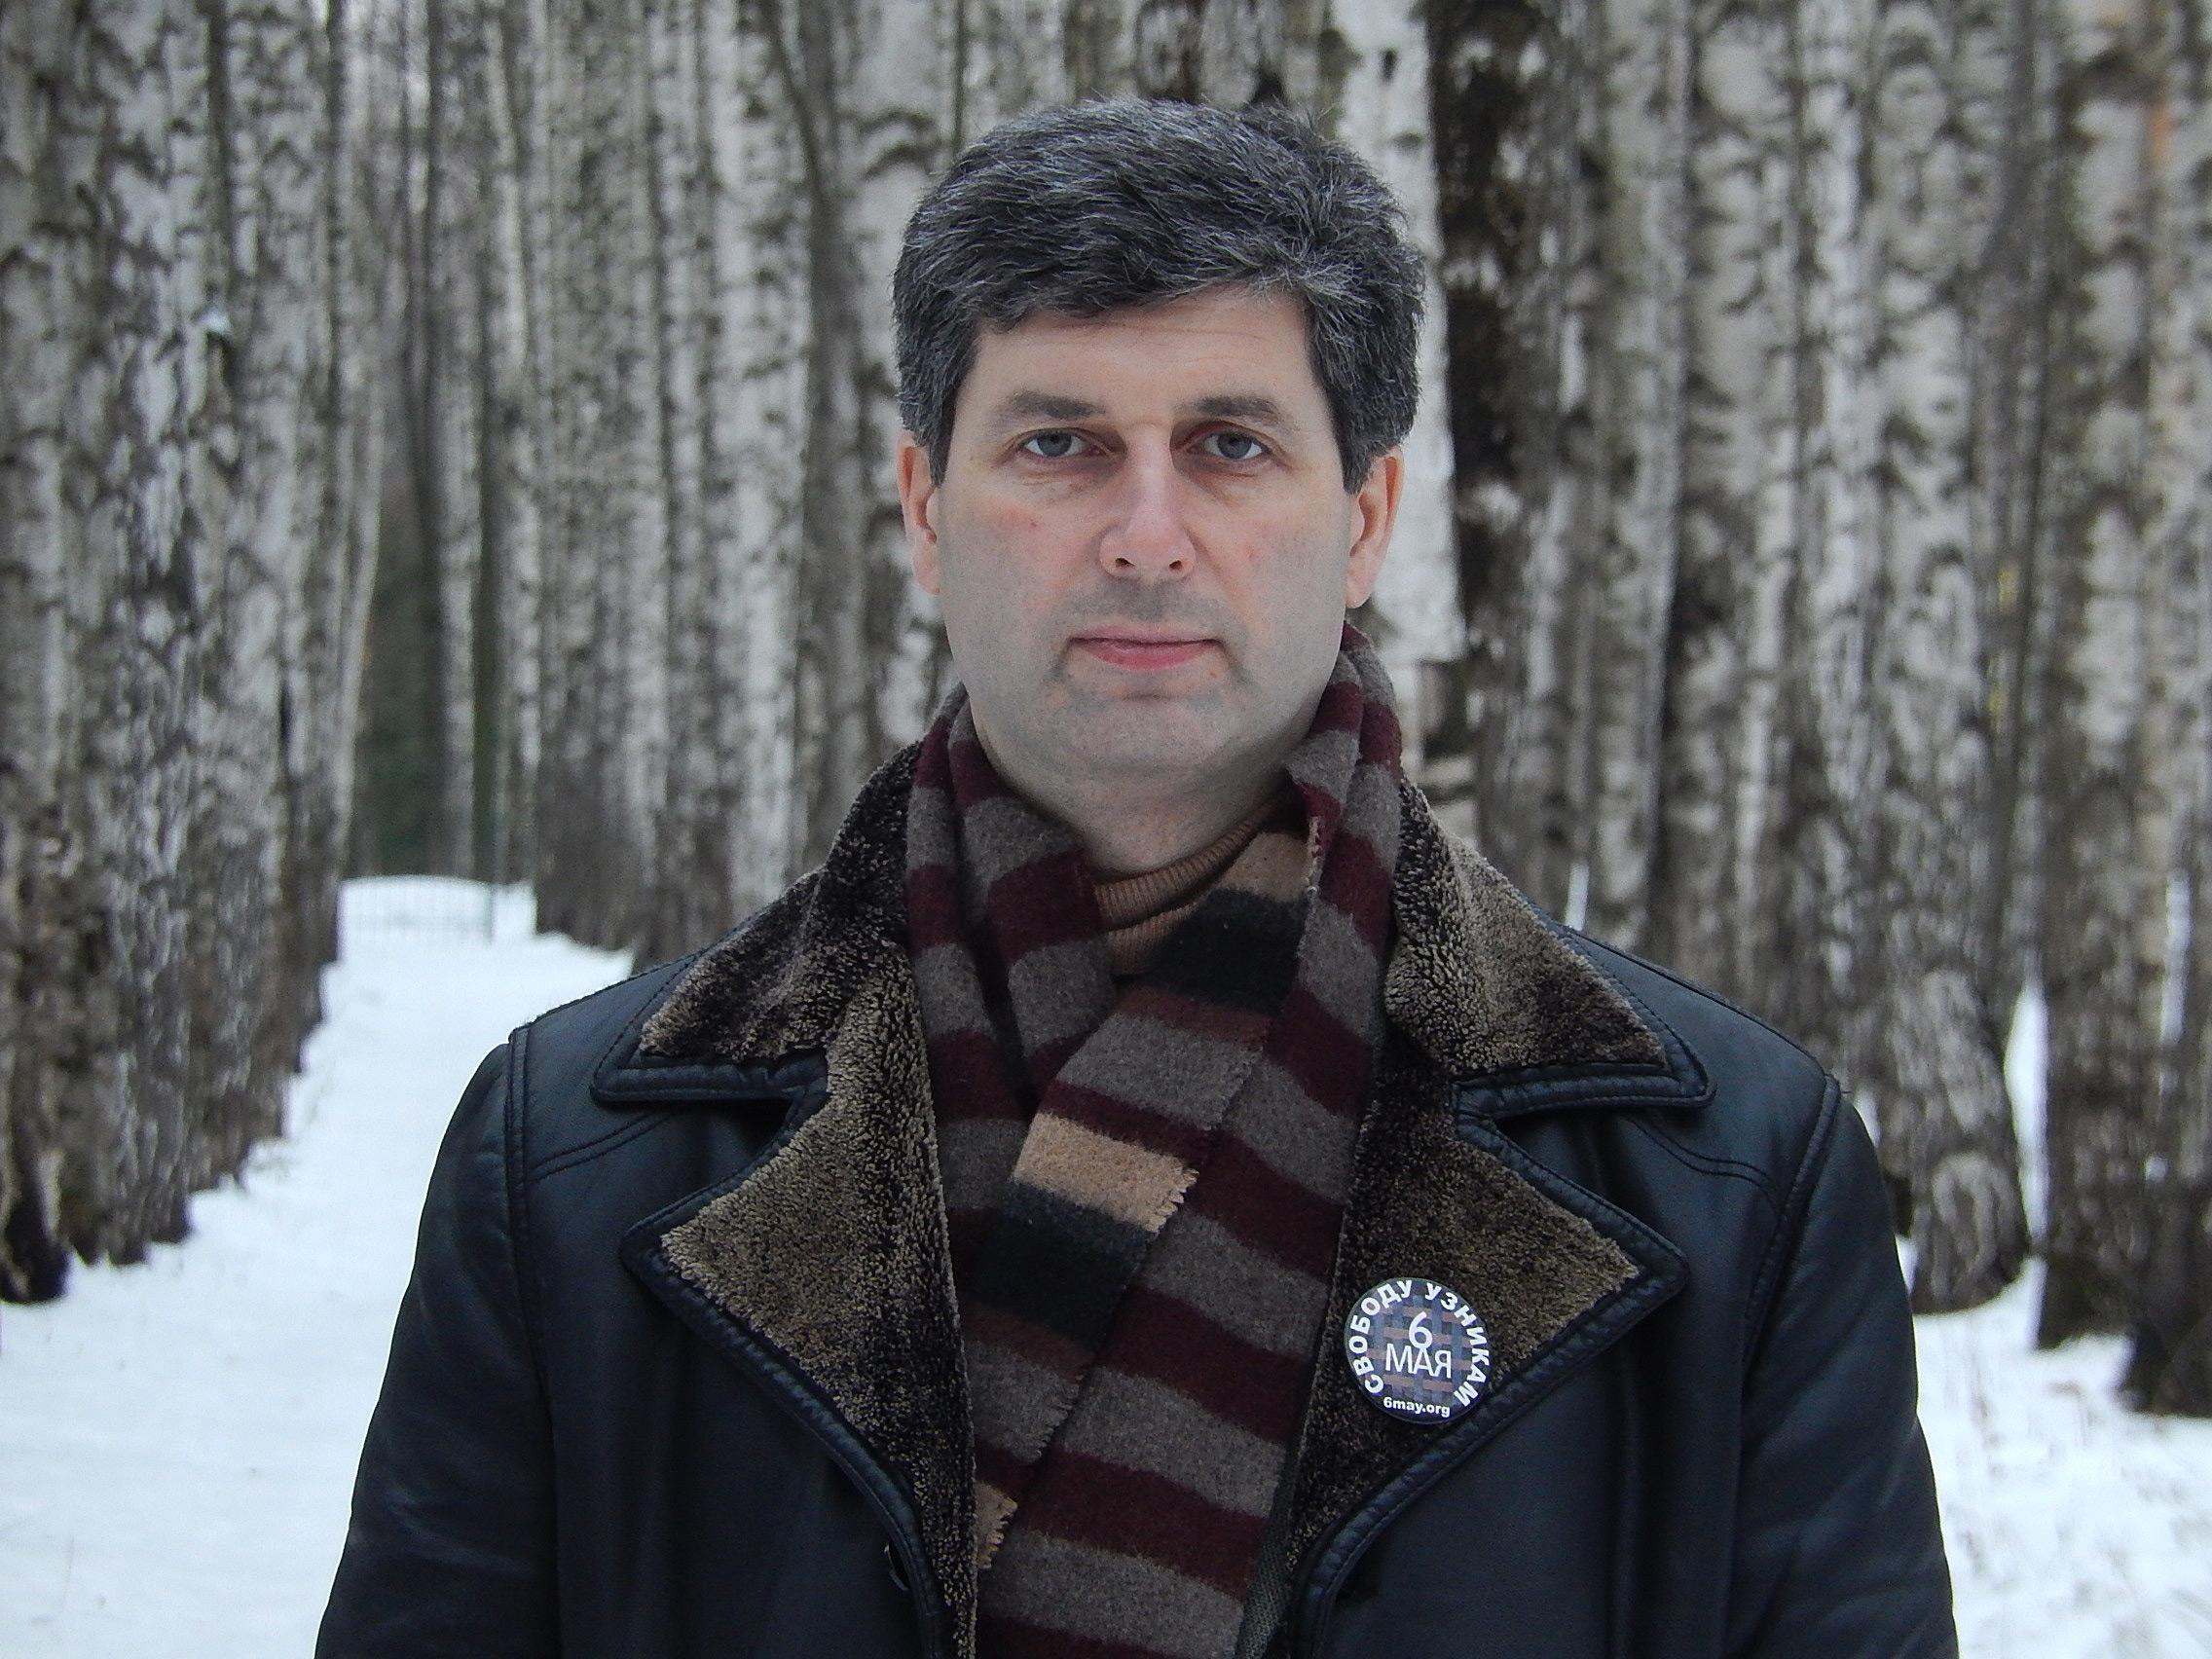 Марк Гальперин в парке у дома - декабрь 2015 г.